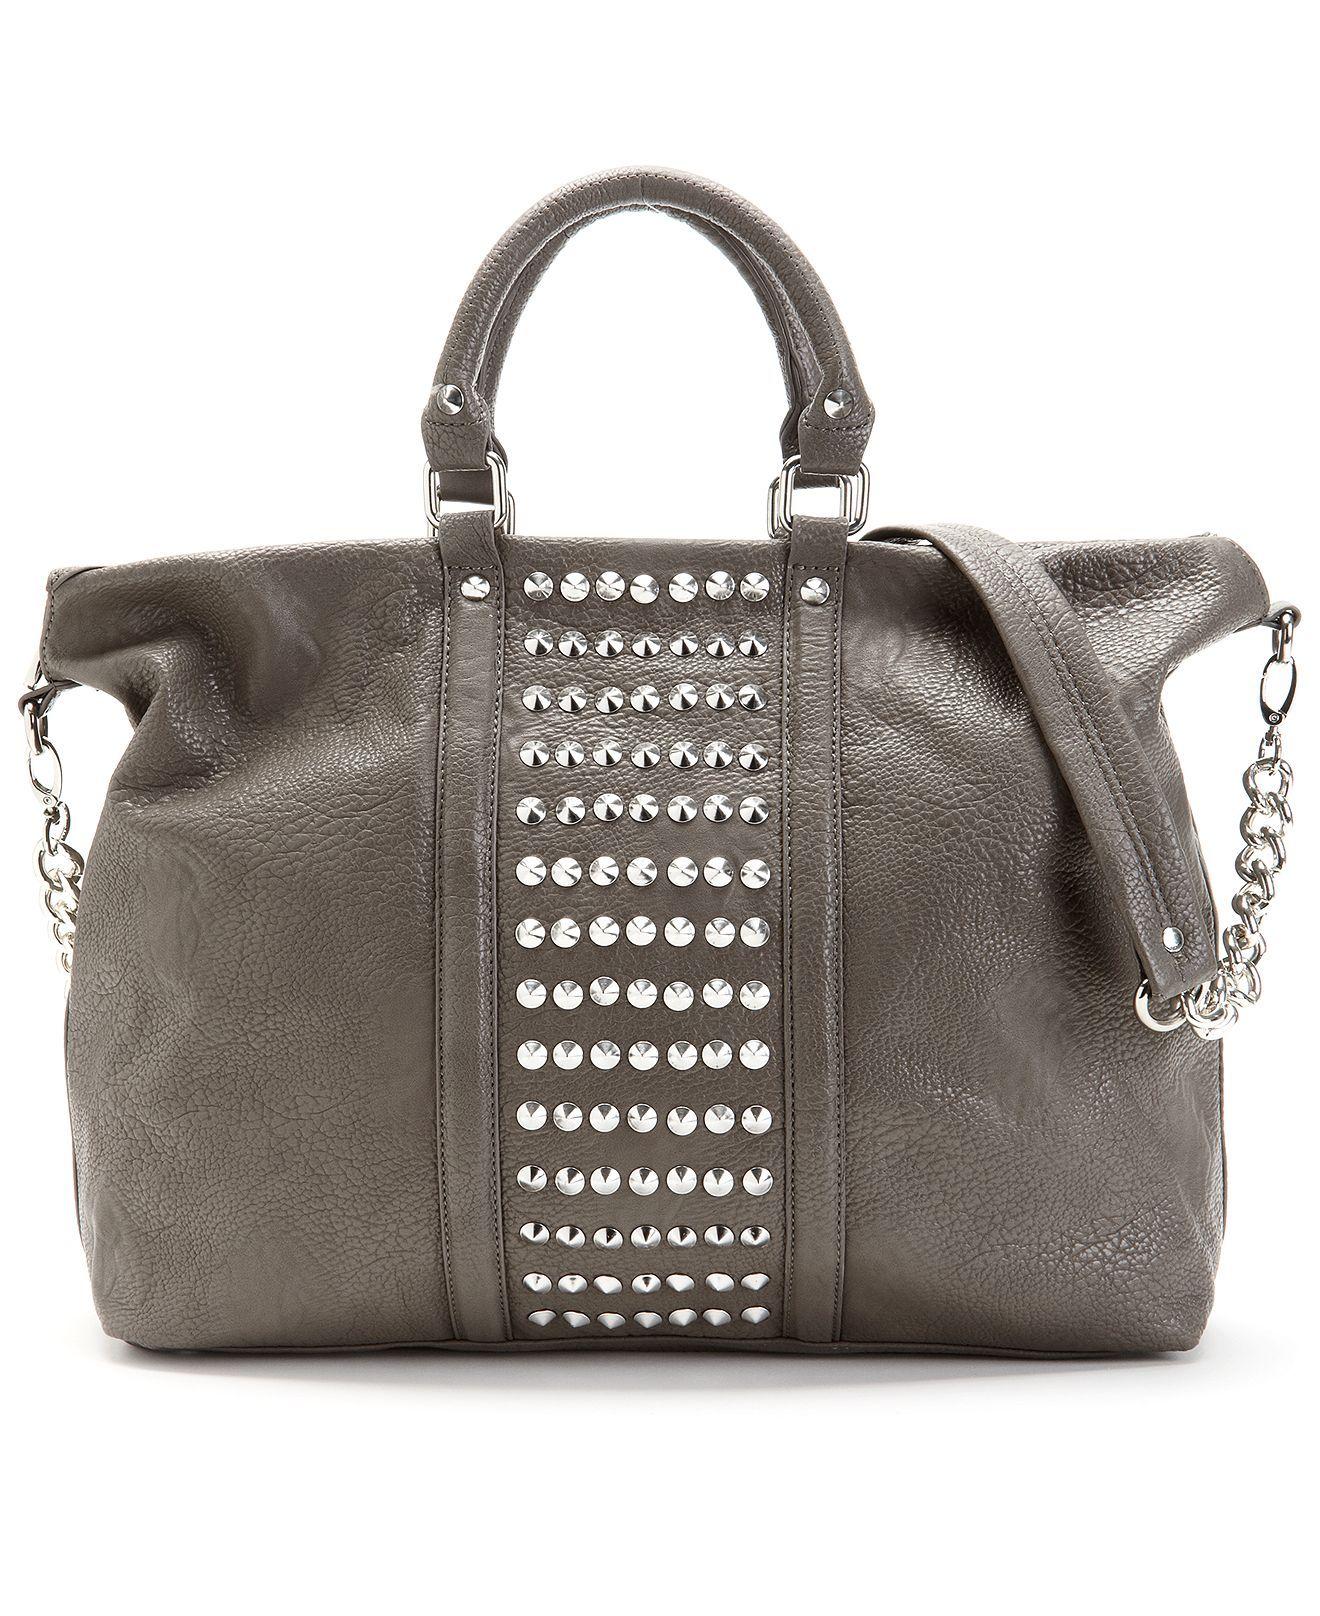 Grey Steve Madden Handbag Brocket Tote Macy S